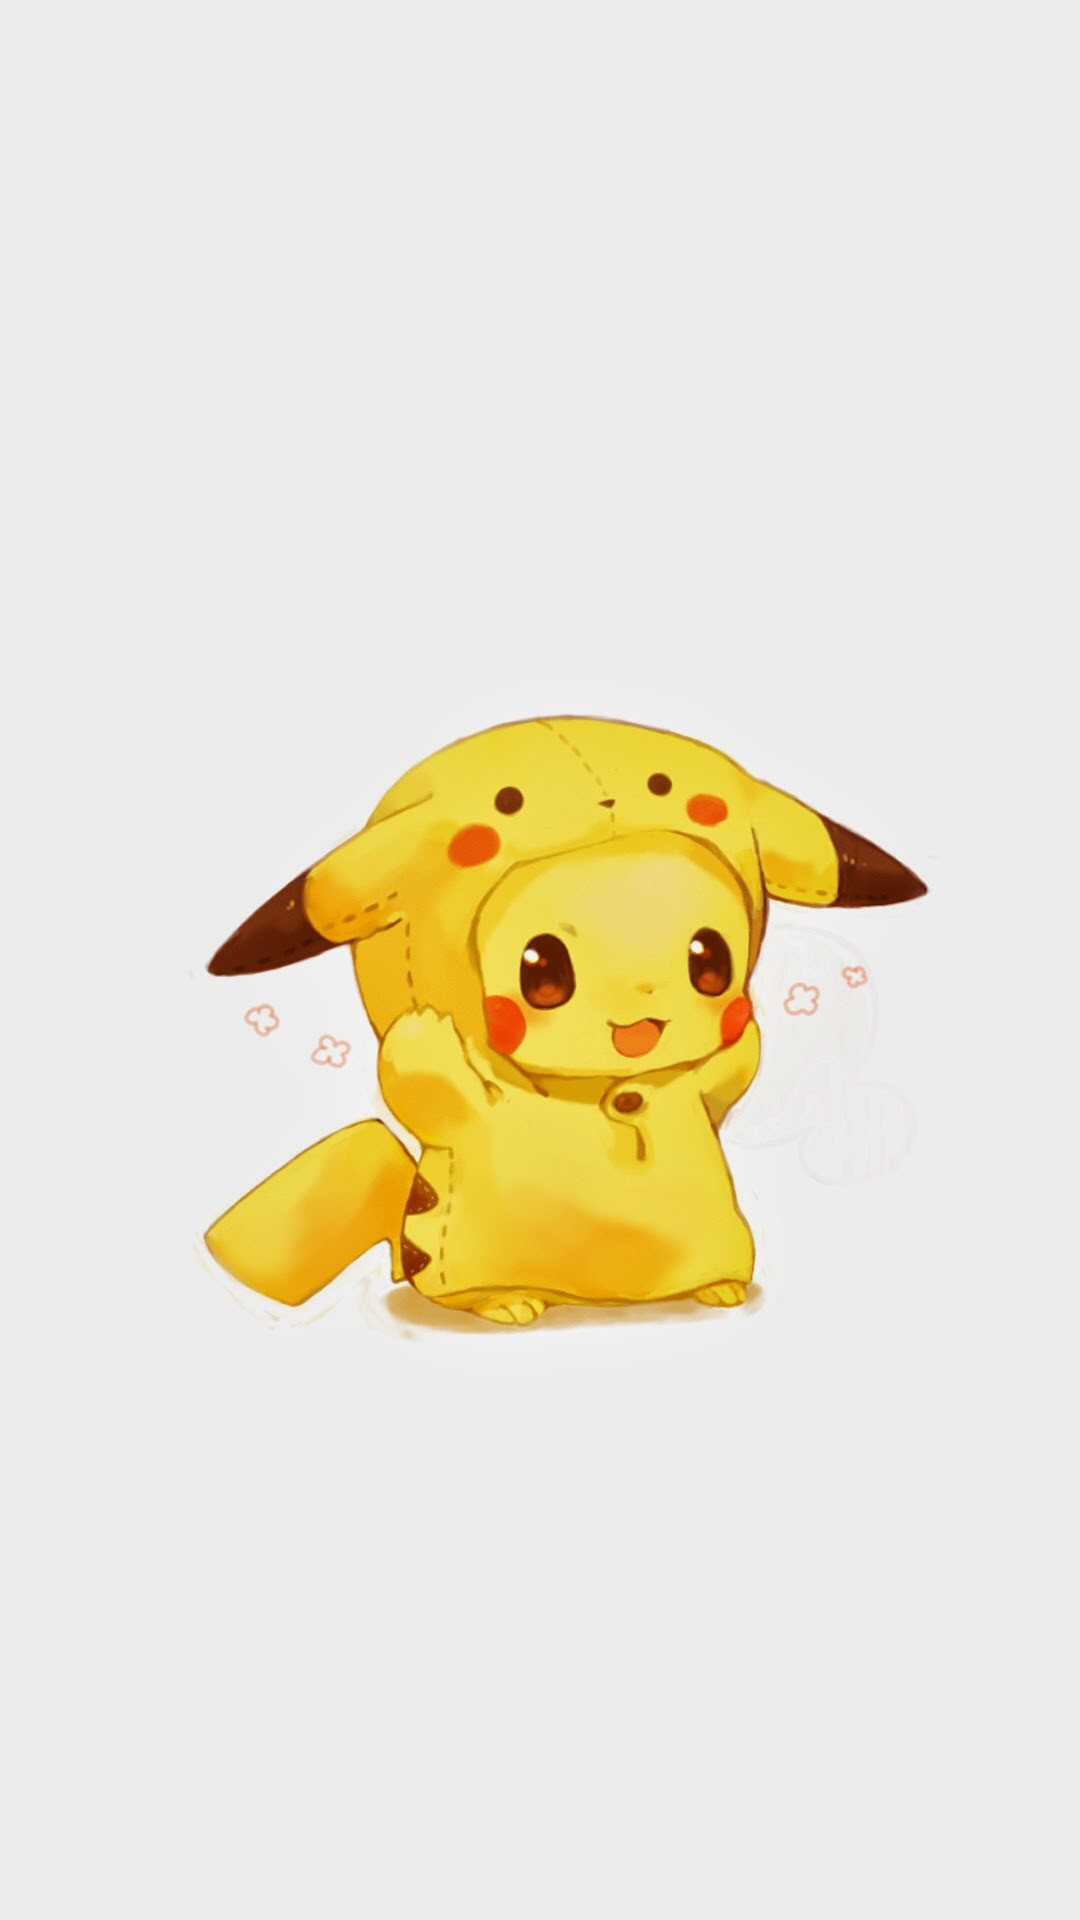 234 Pokemon Phone Wallpaper Hd